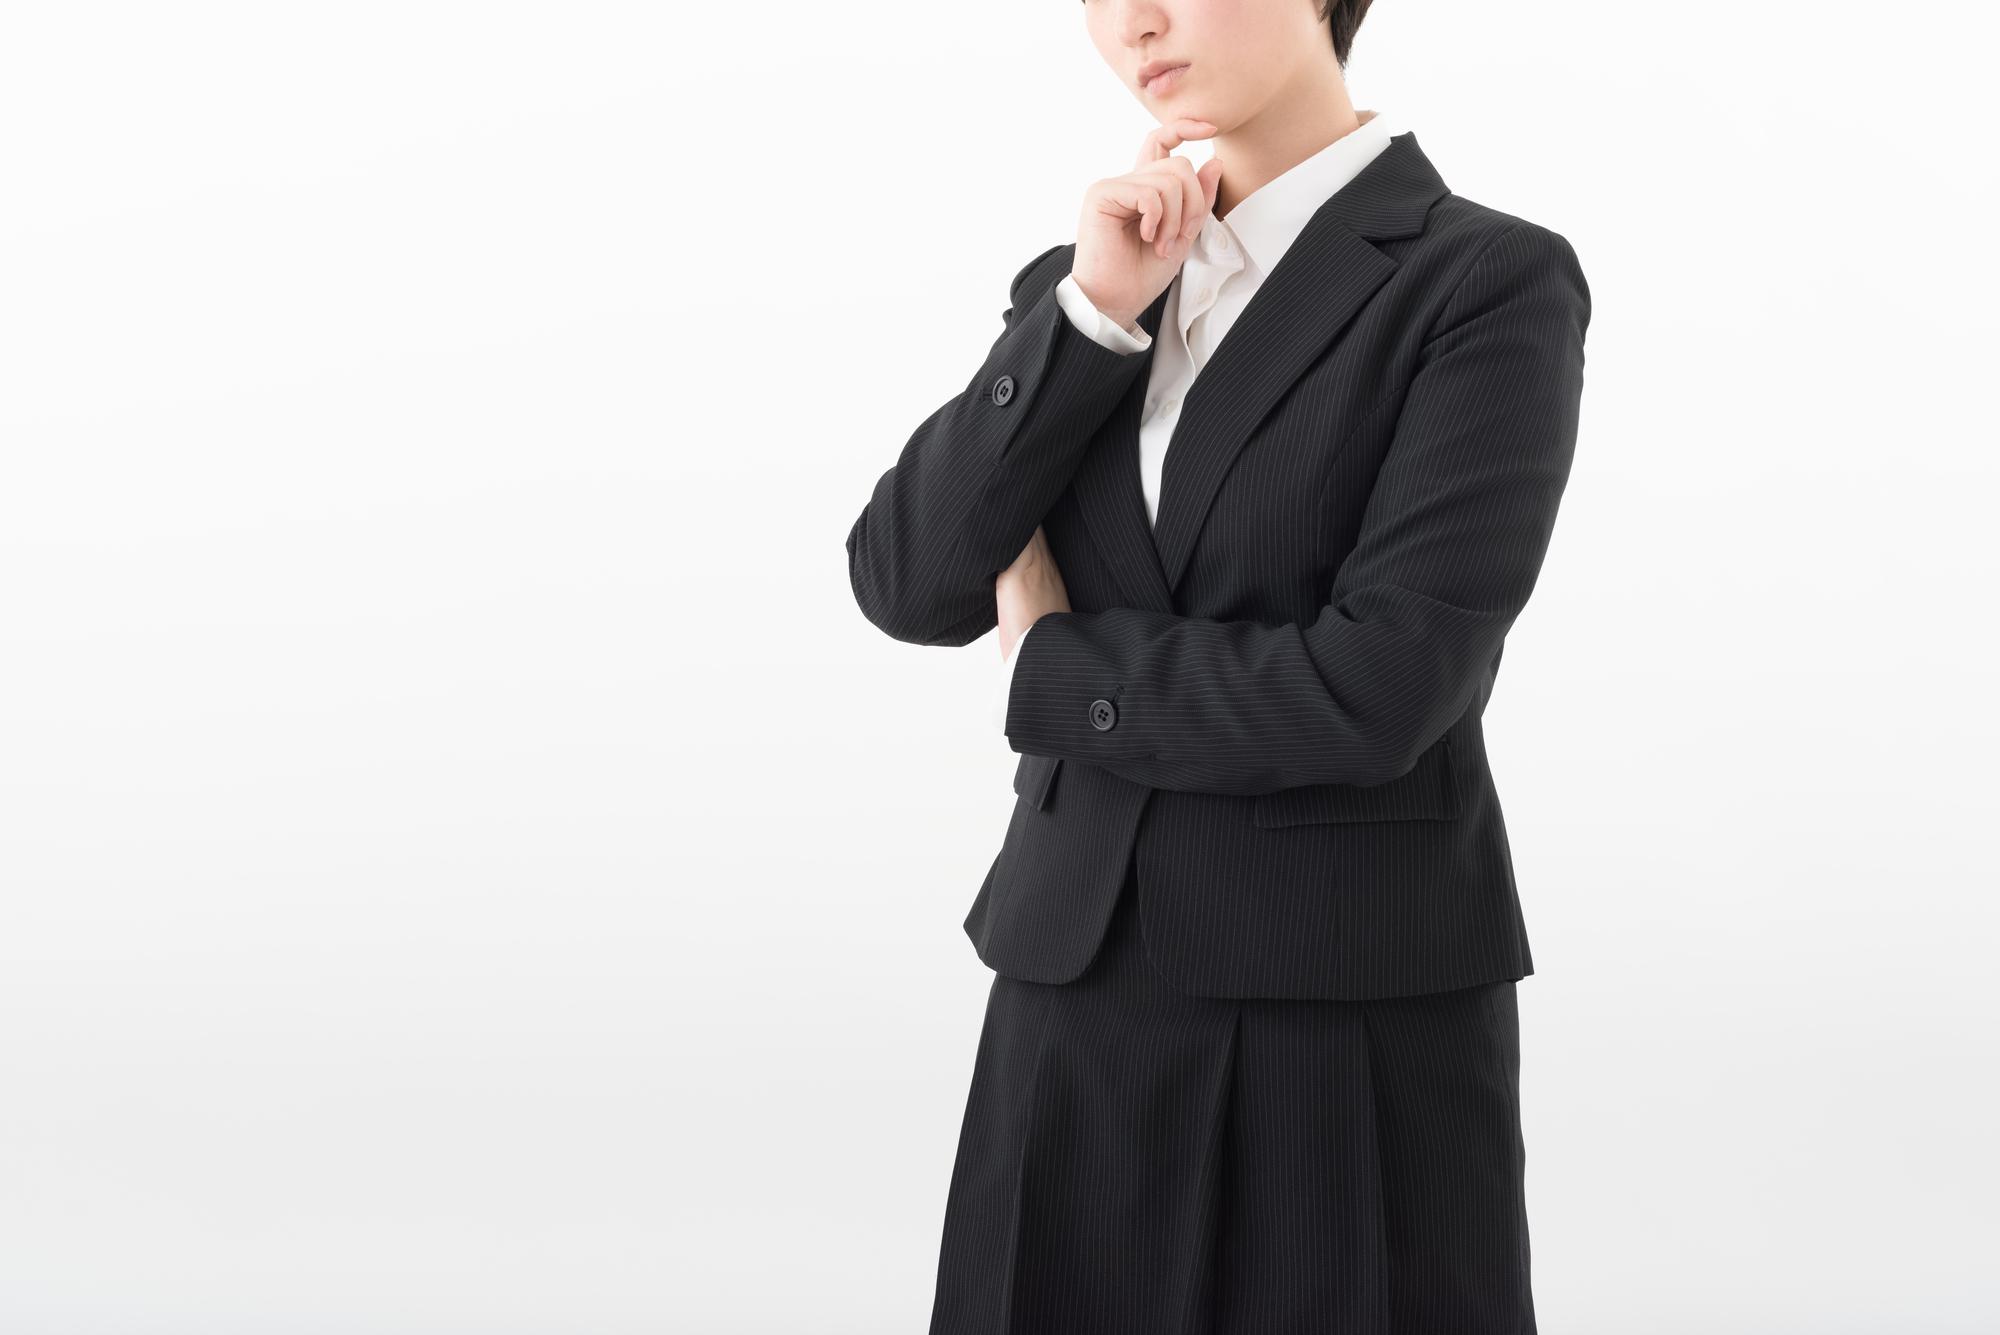 悩む遺品整理アドバイザーの女性